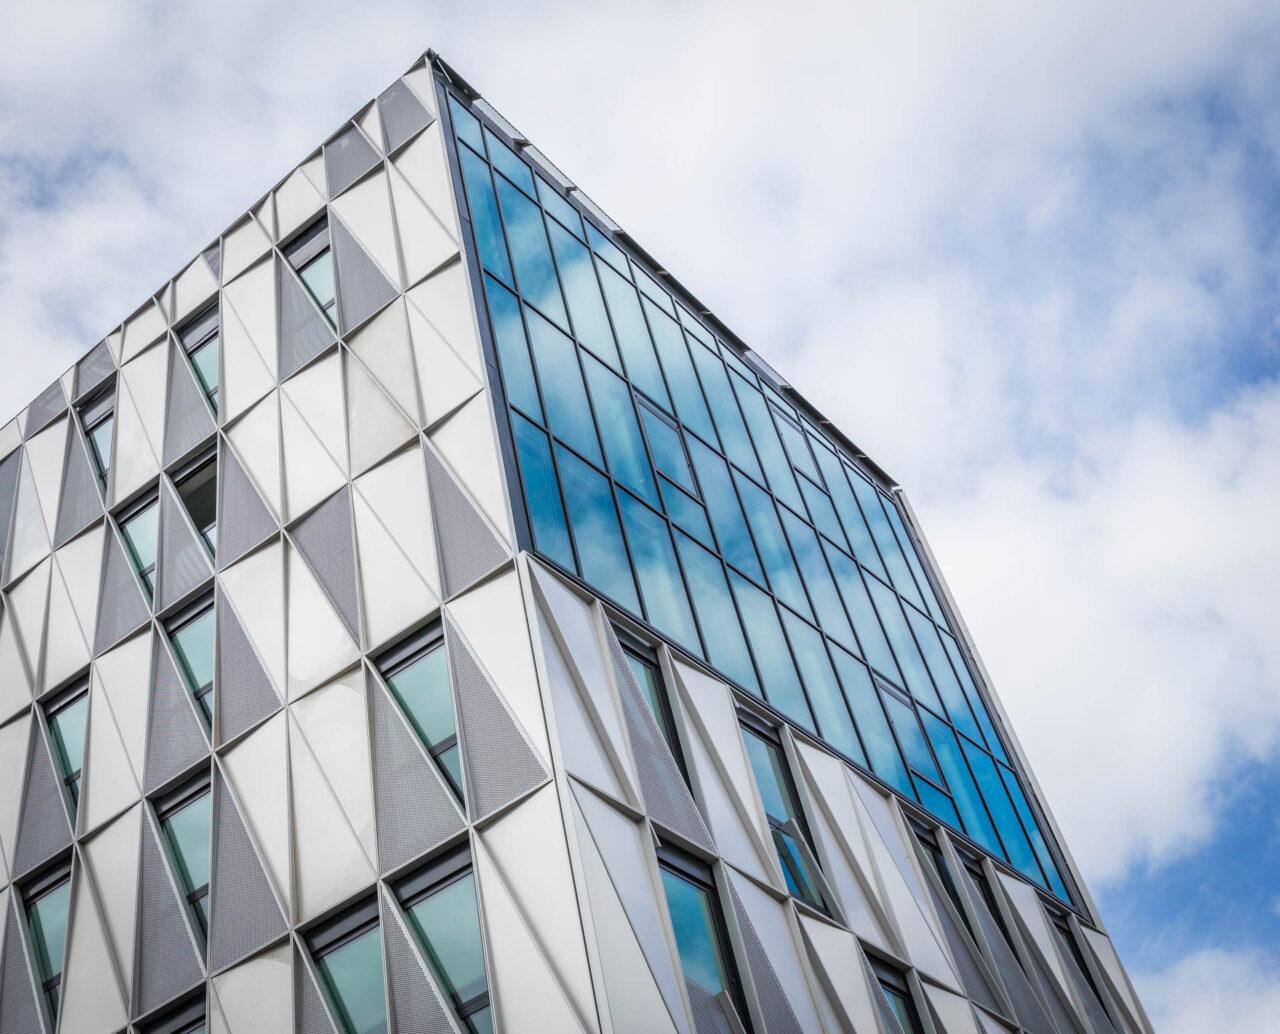 Urban Quartz ZAC EuroRennes aluminium composite Larson TIM Composites